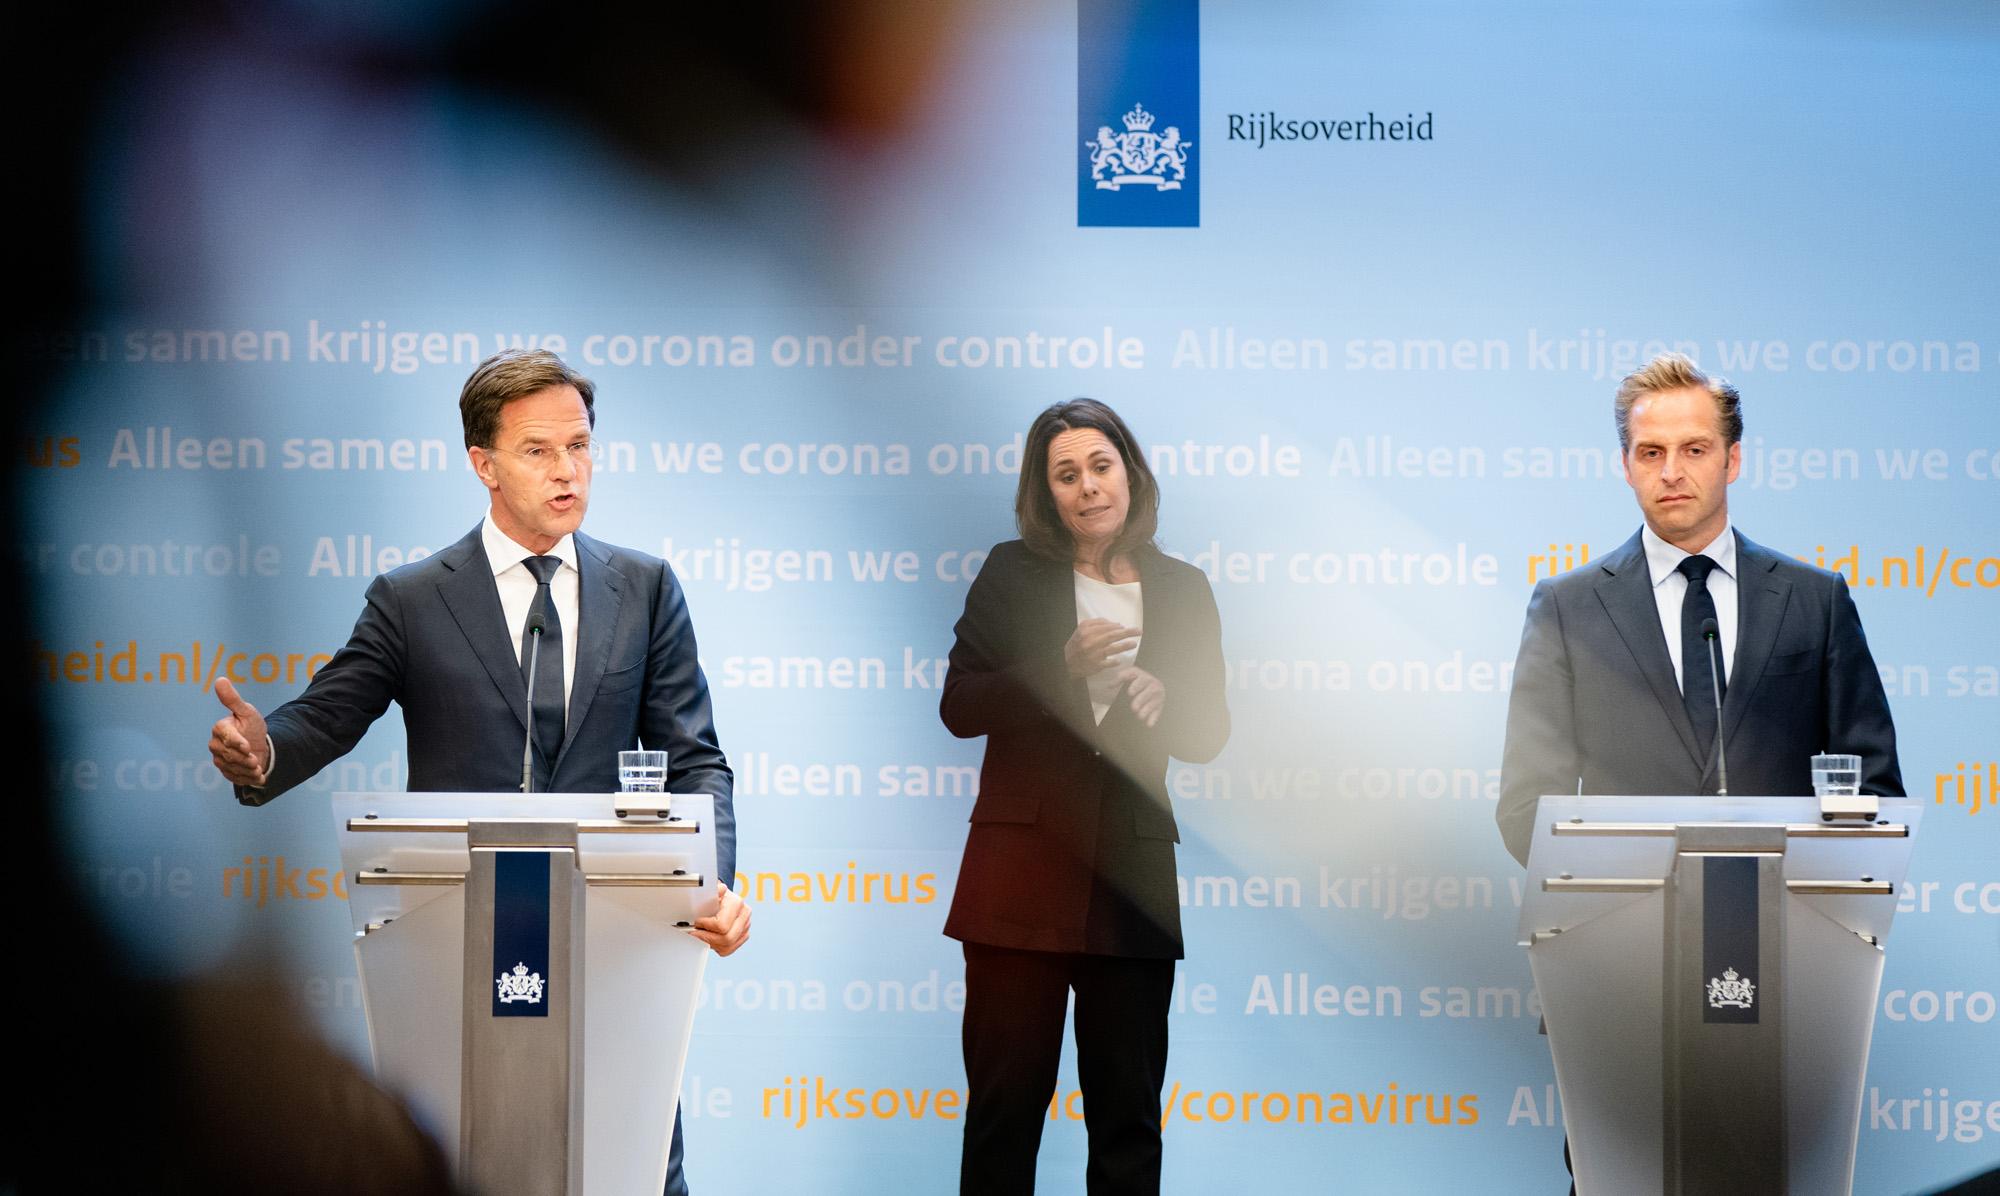 Een foto van premier Rutte, gebarentolk Irma en minister de jonge tijdens een persconferentie